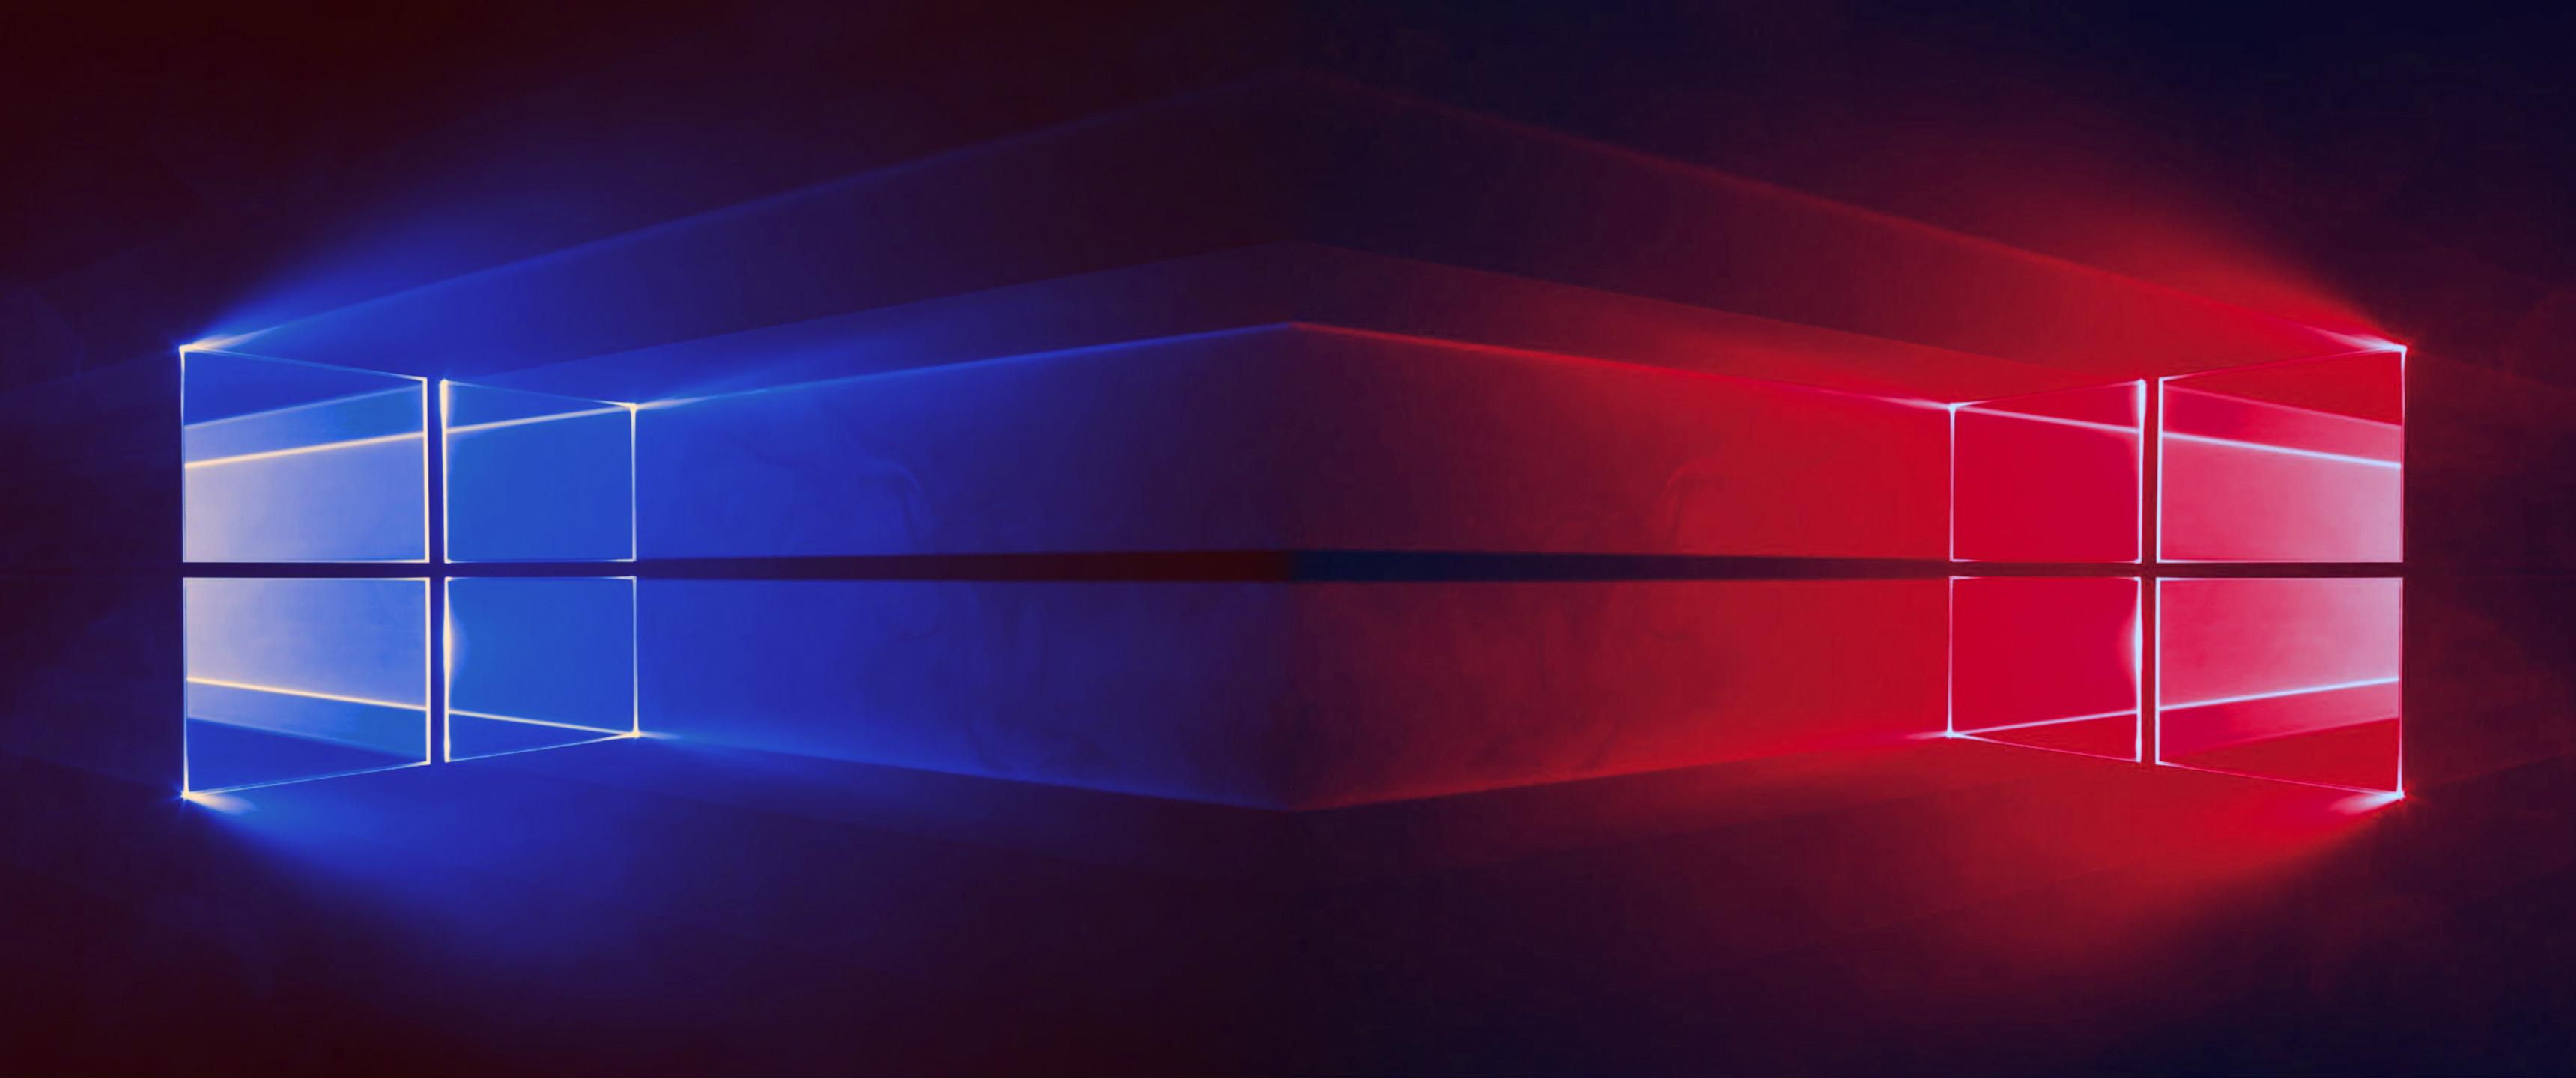 Windows 10 – 2 Windows Blue & Red – 3440×1440